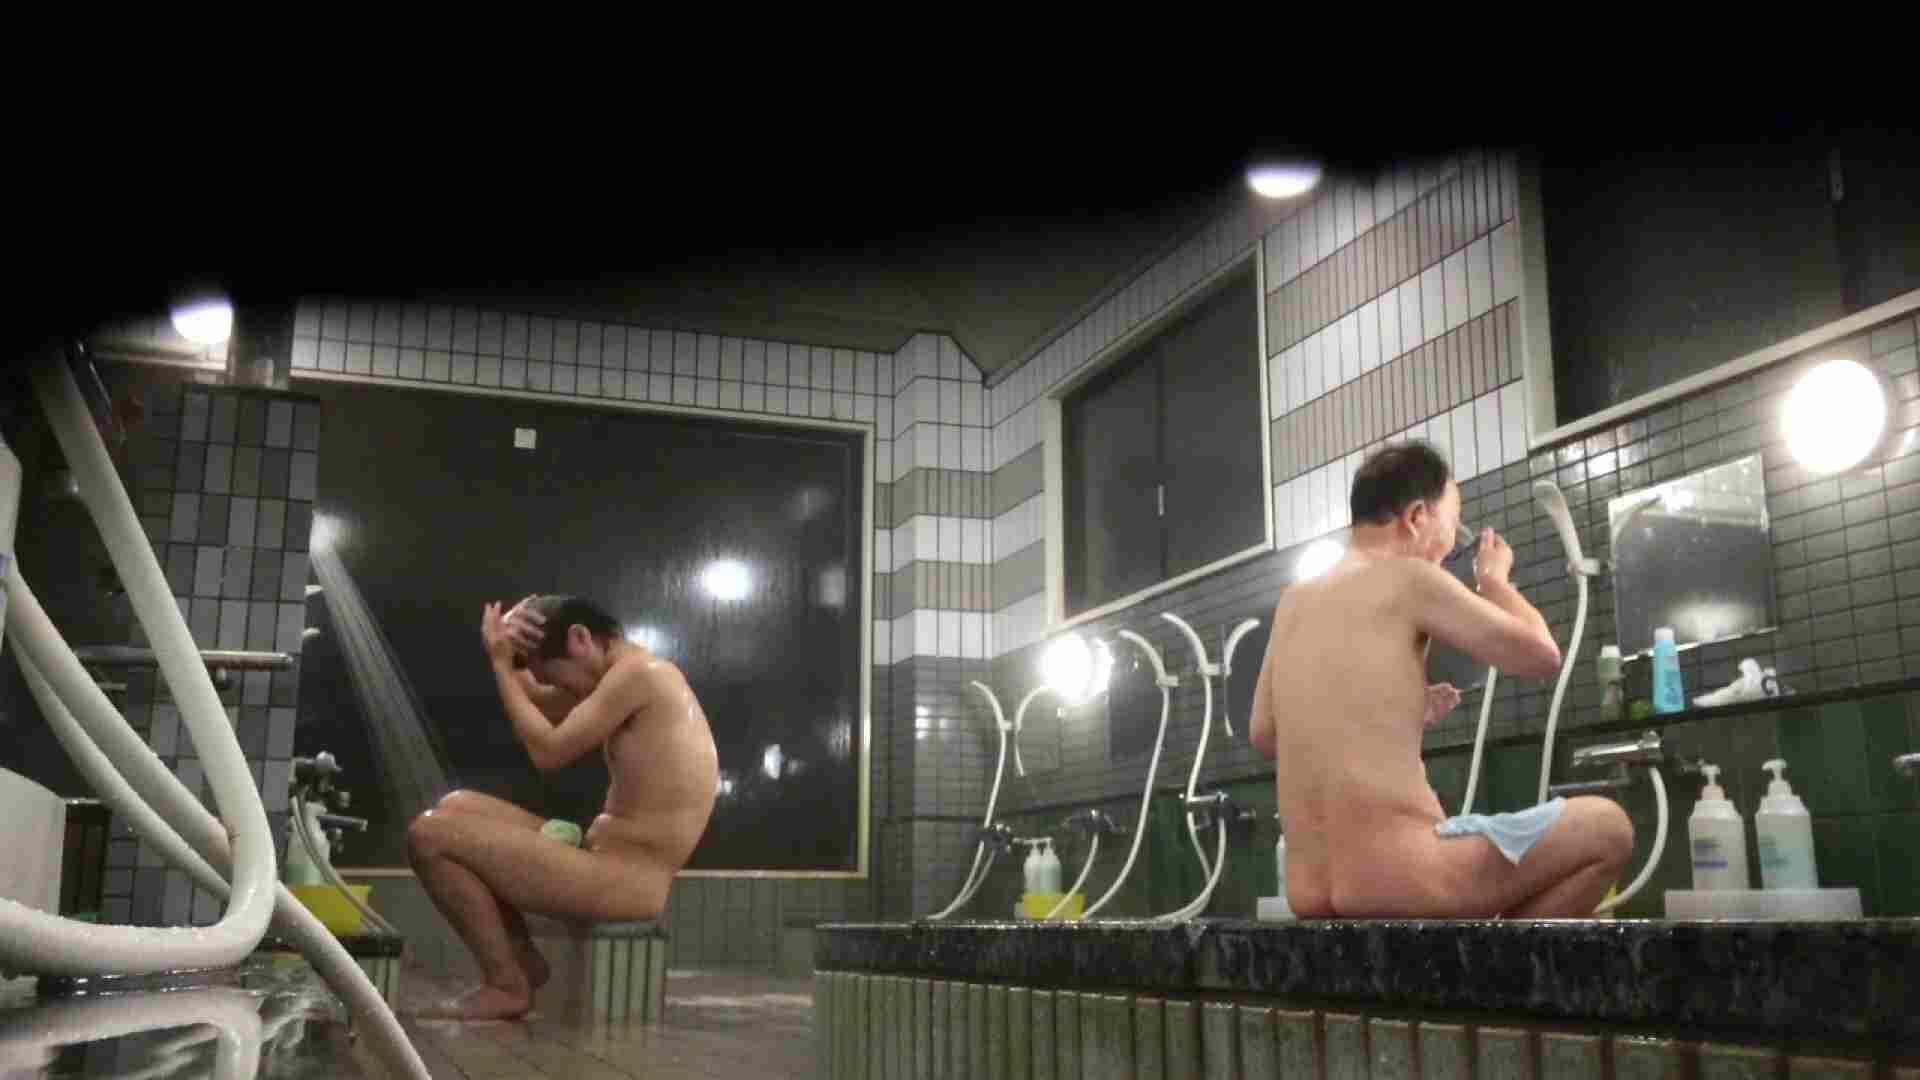 行くぜ!がっつり男風呂!Vol.07 男・男・男 ゲイAV画像 94枚 80